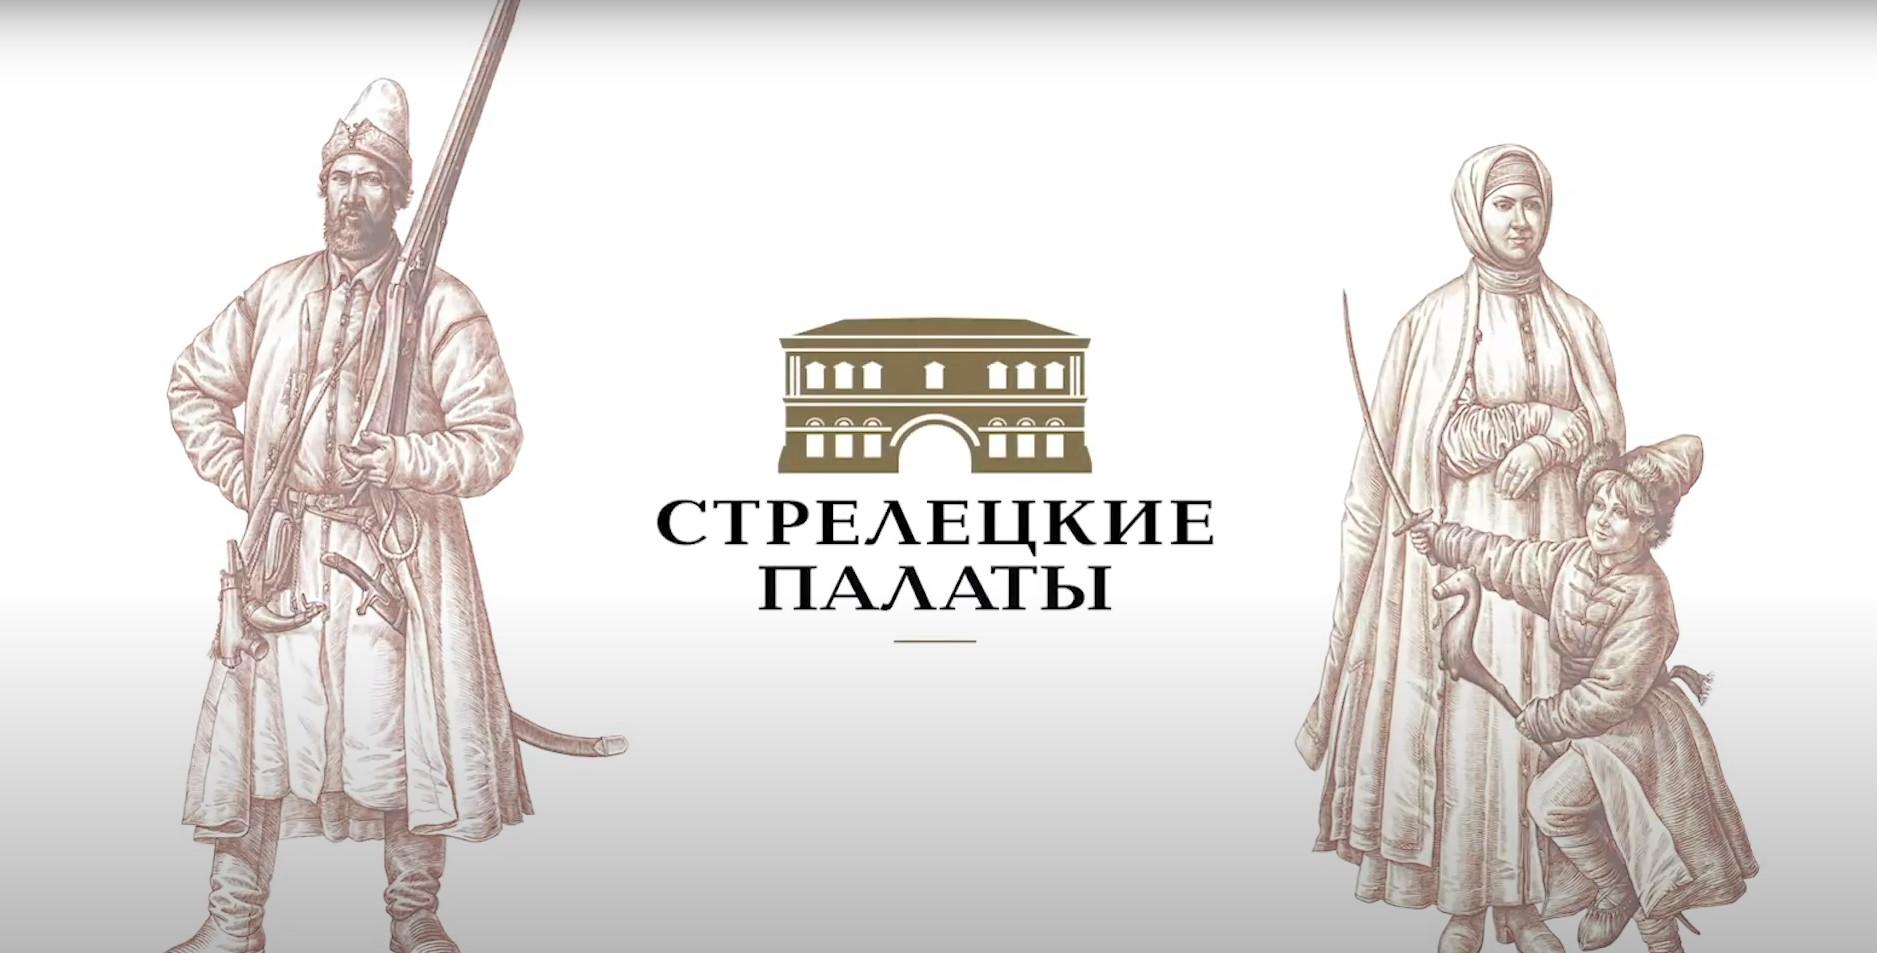 Музей Московских стрельцов приглашает на видеоэкскурсию жителей Тверской области